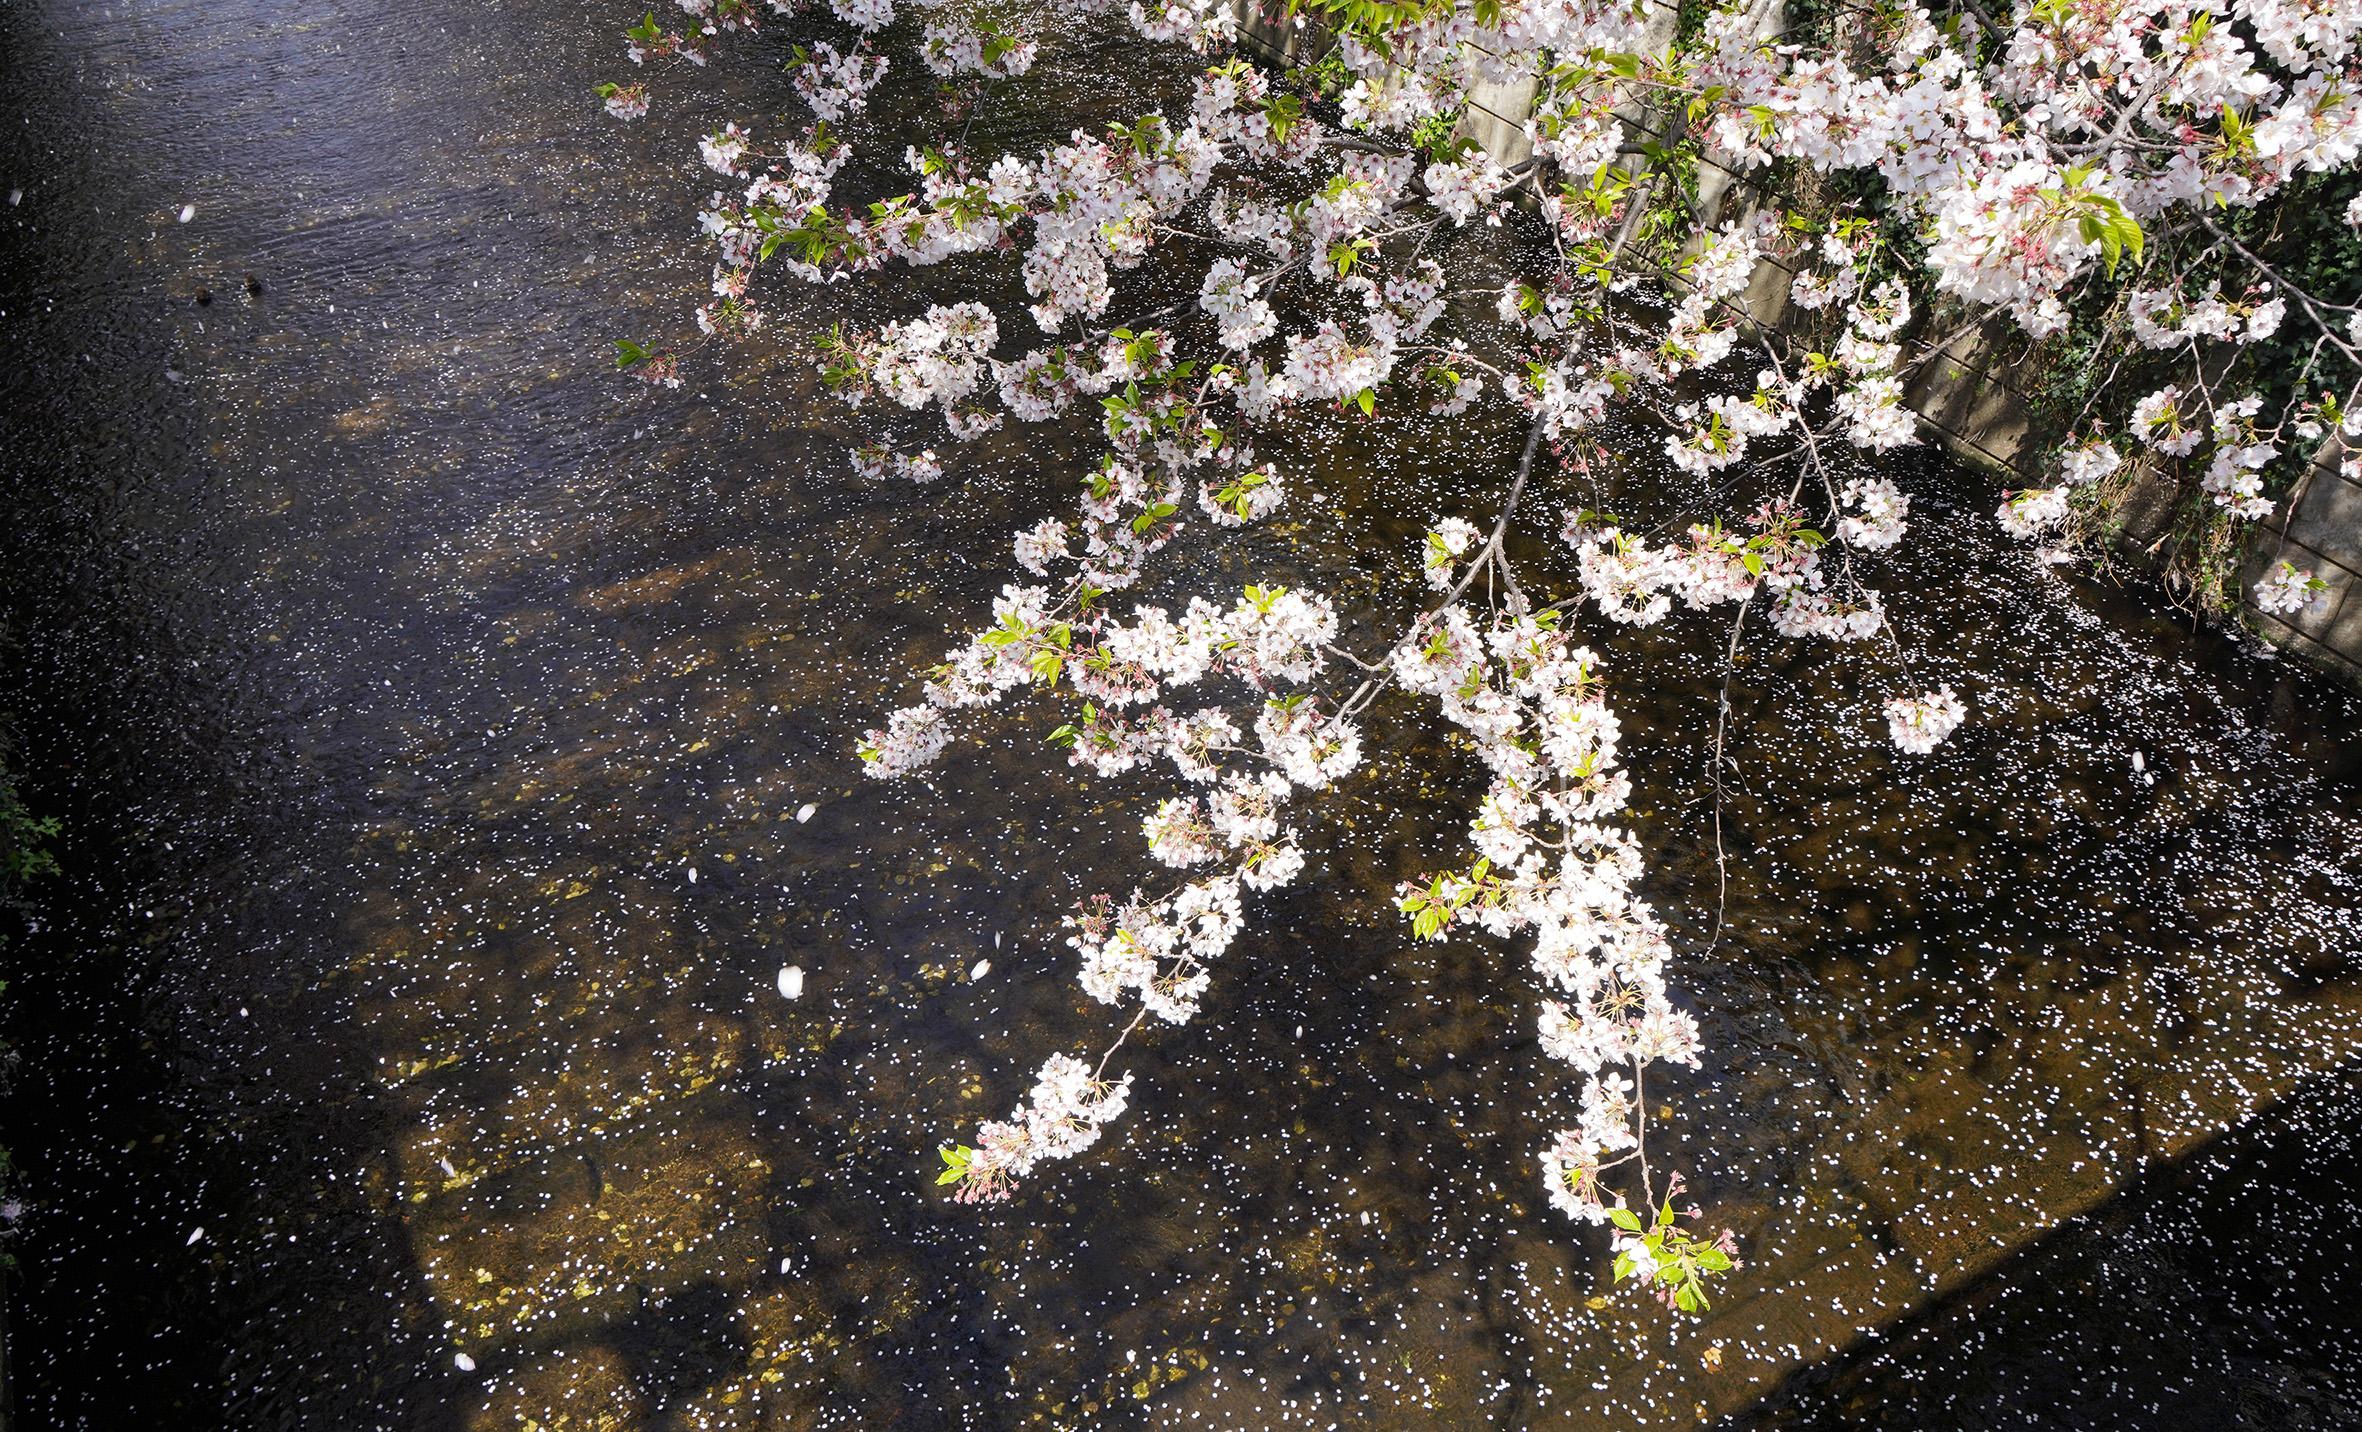 Reiko Hiramatsu, Petali di ciliegio sul fiume Meguro, quartiere Meguro, Tokyo, aprile 2020